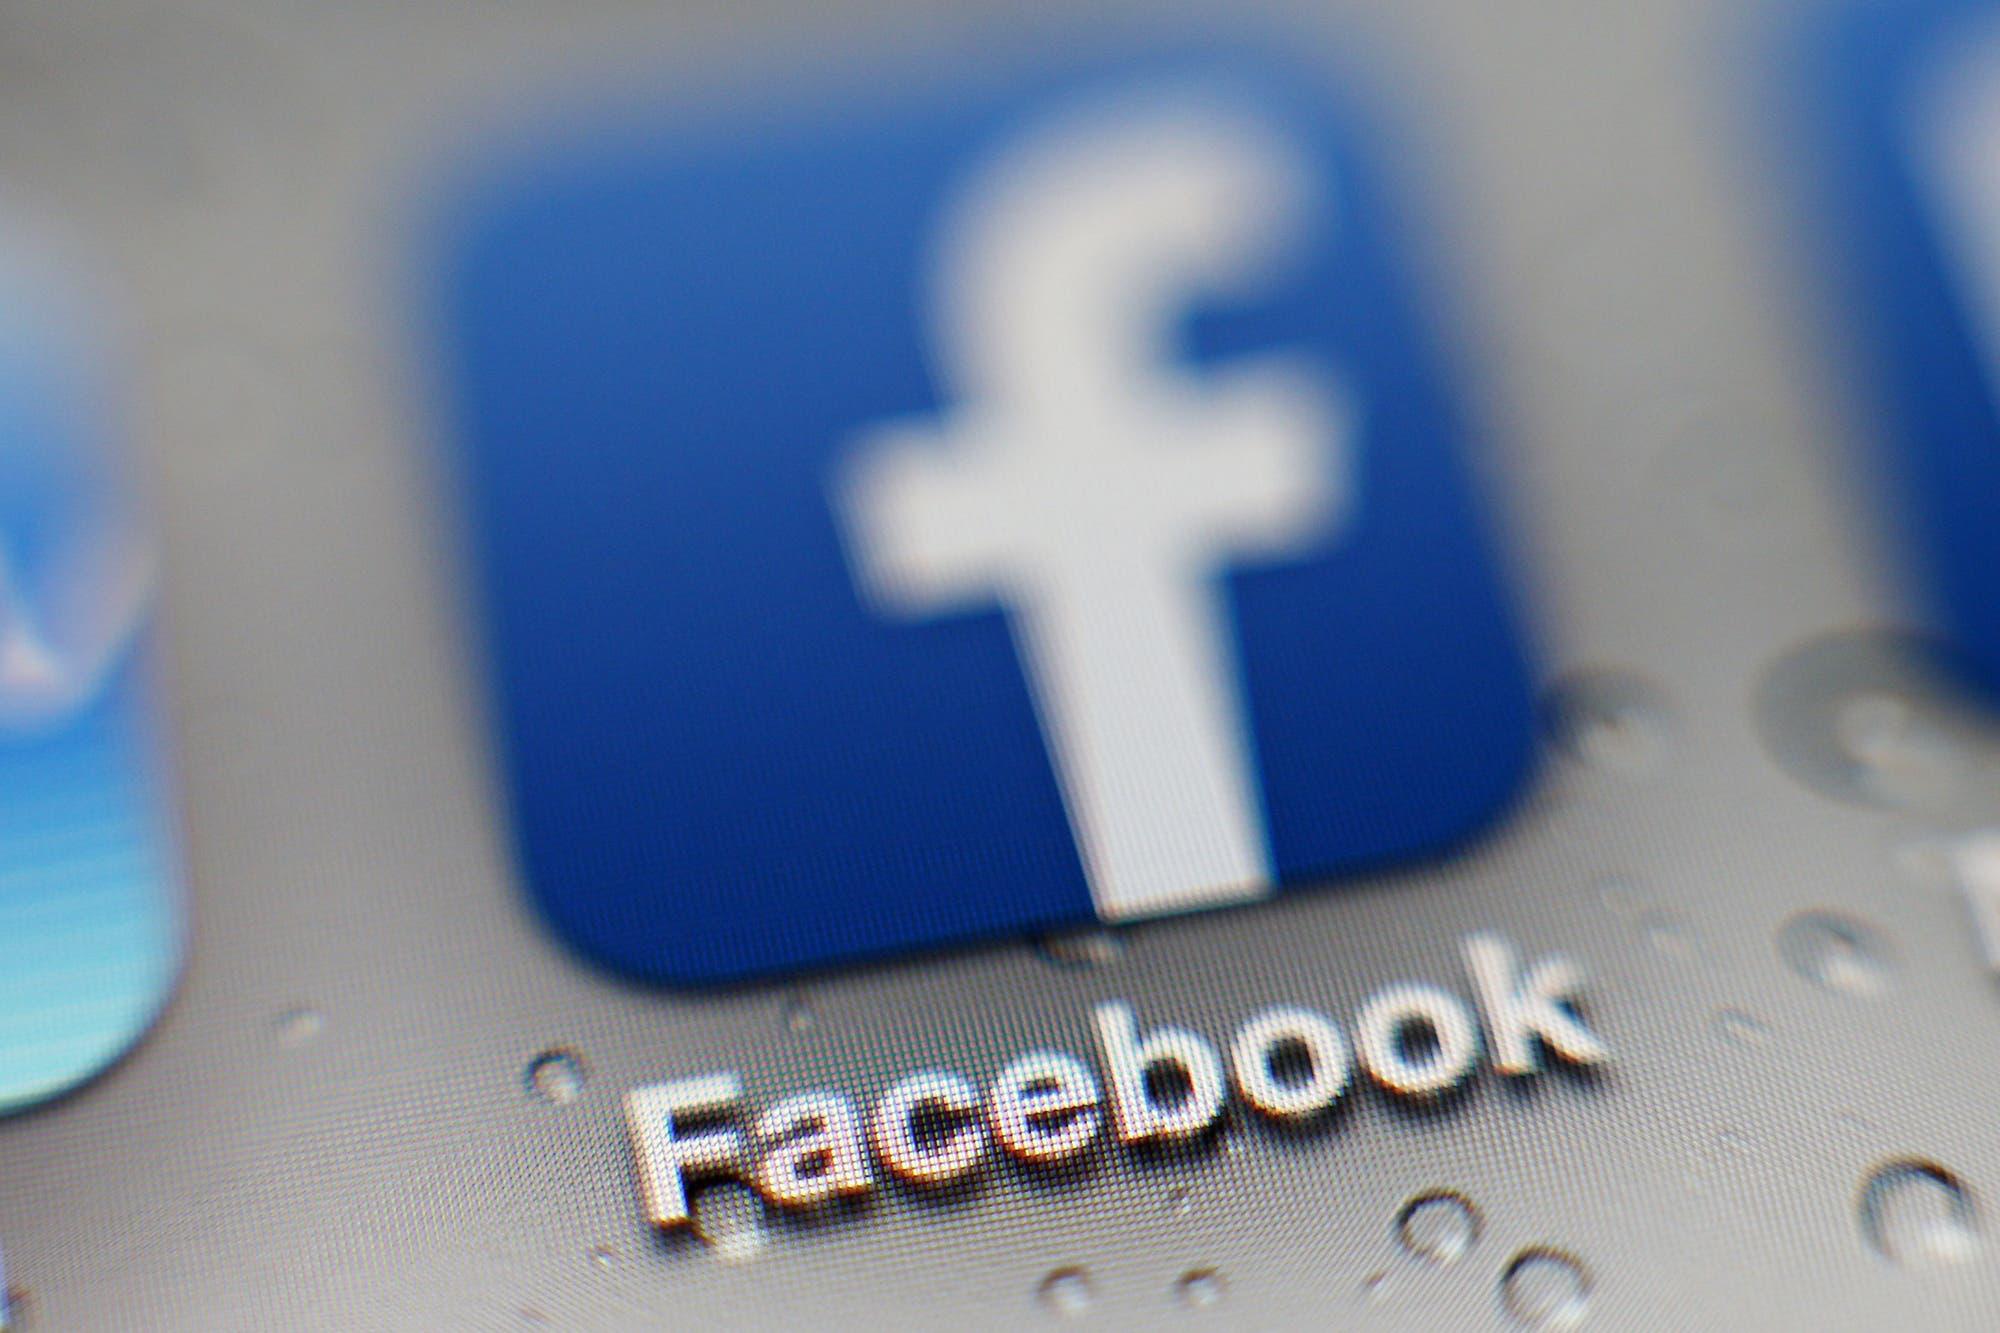 Facebook crea un modelo de traducción para 100 idiomas que no requiere el inglés como paso intermedio